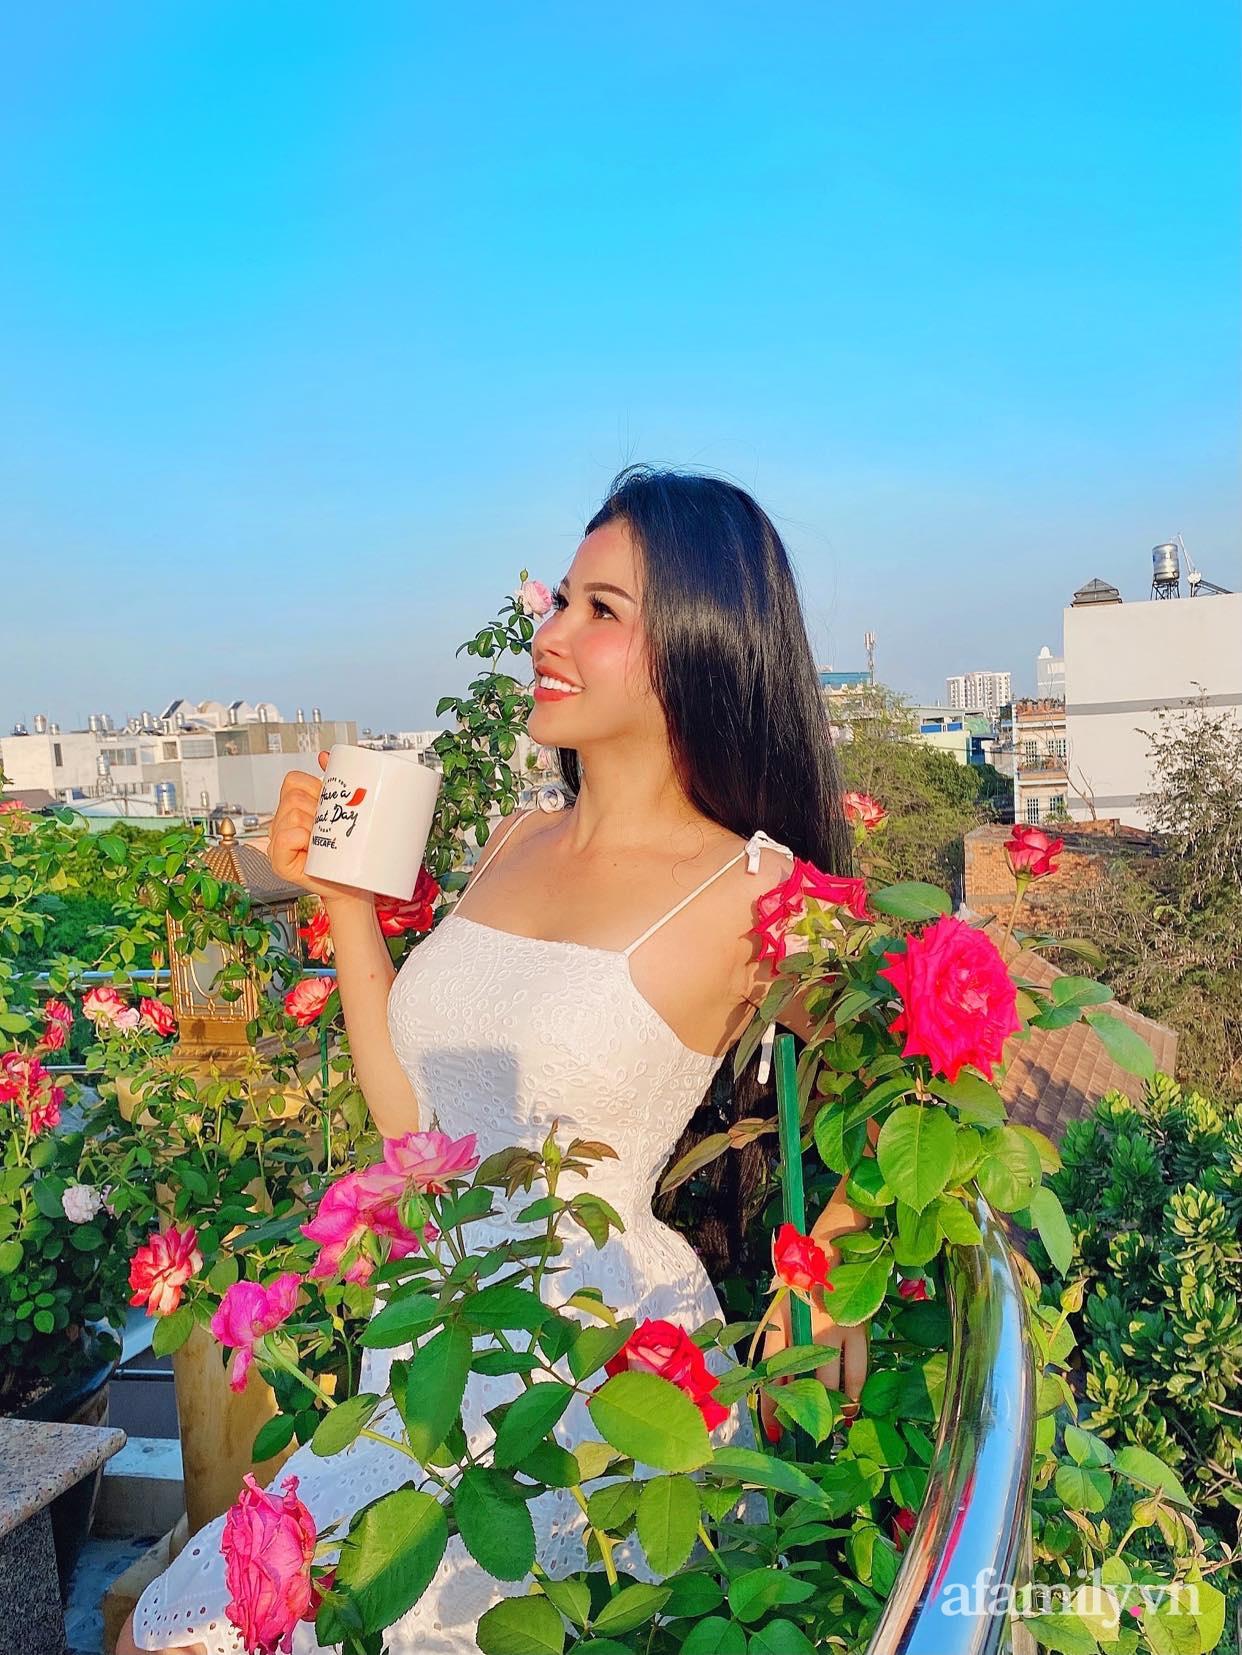 Sân thượng phủ kín hoa hồng và rau quả sạch được chăm chút nhờ bàn tay khéo léo của Hoa hậu Janny Thủy Trần - Ảnh 1.